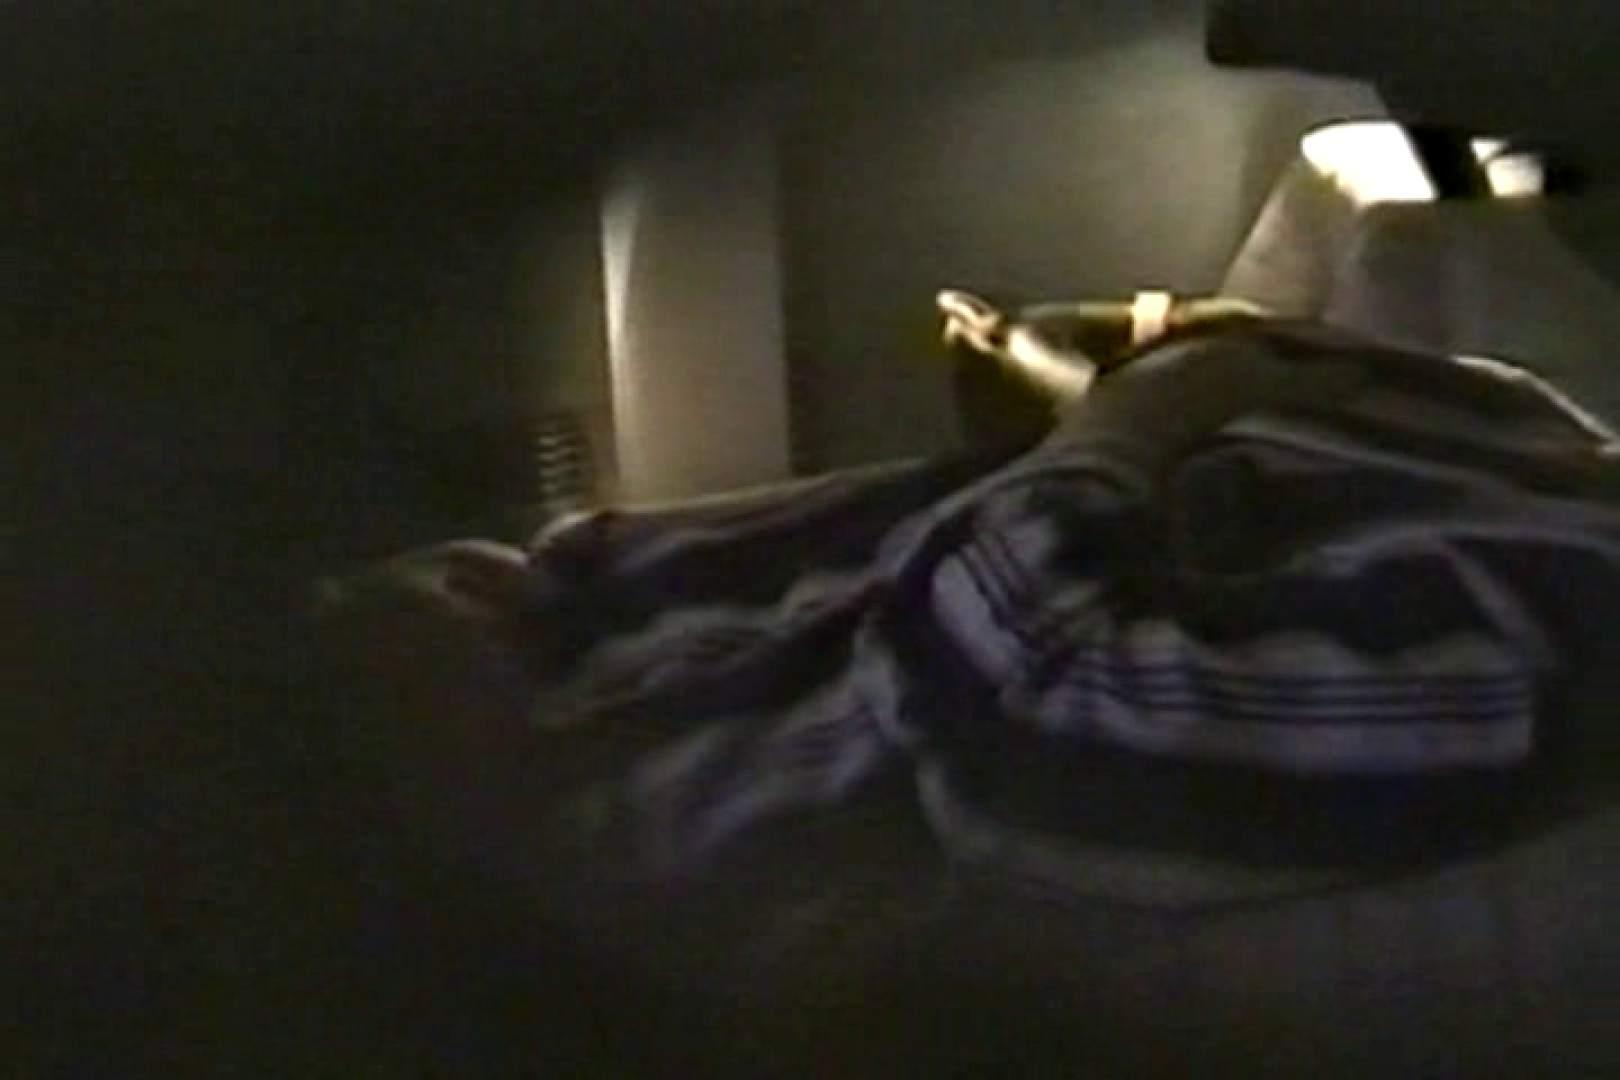 究極の民家覗き撮りVol.4 望遠 オマンコ動画キャプチャ 73pic 11